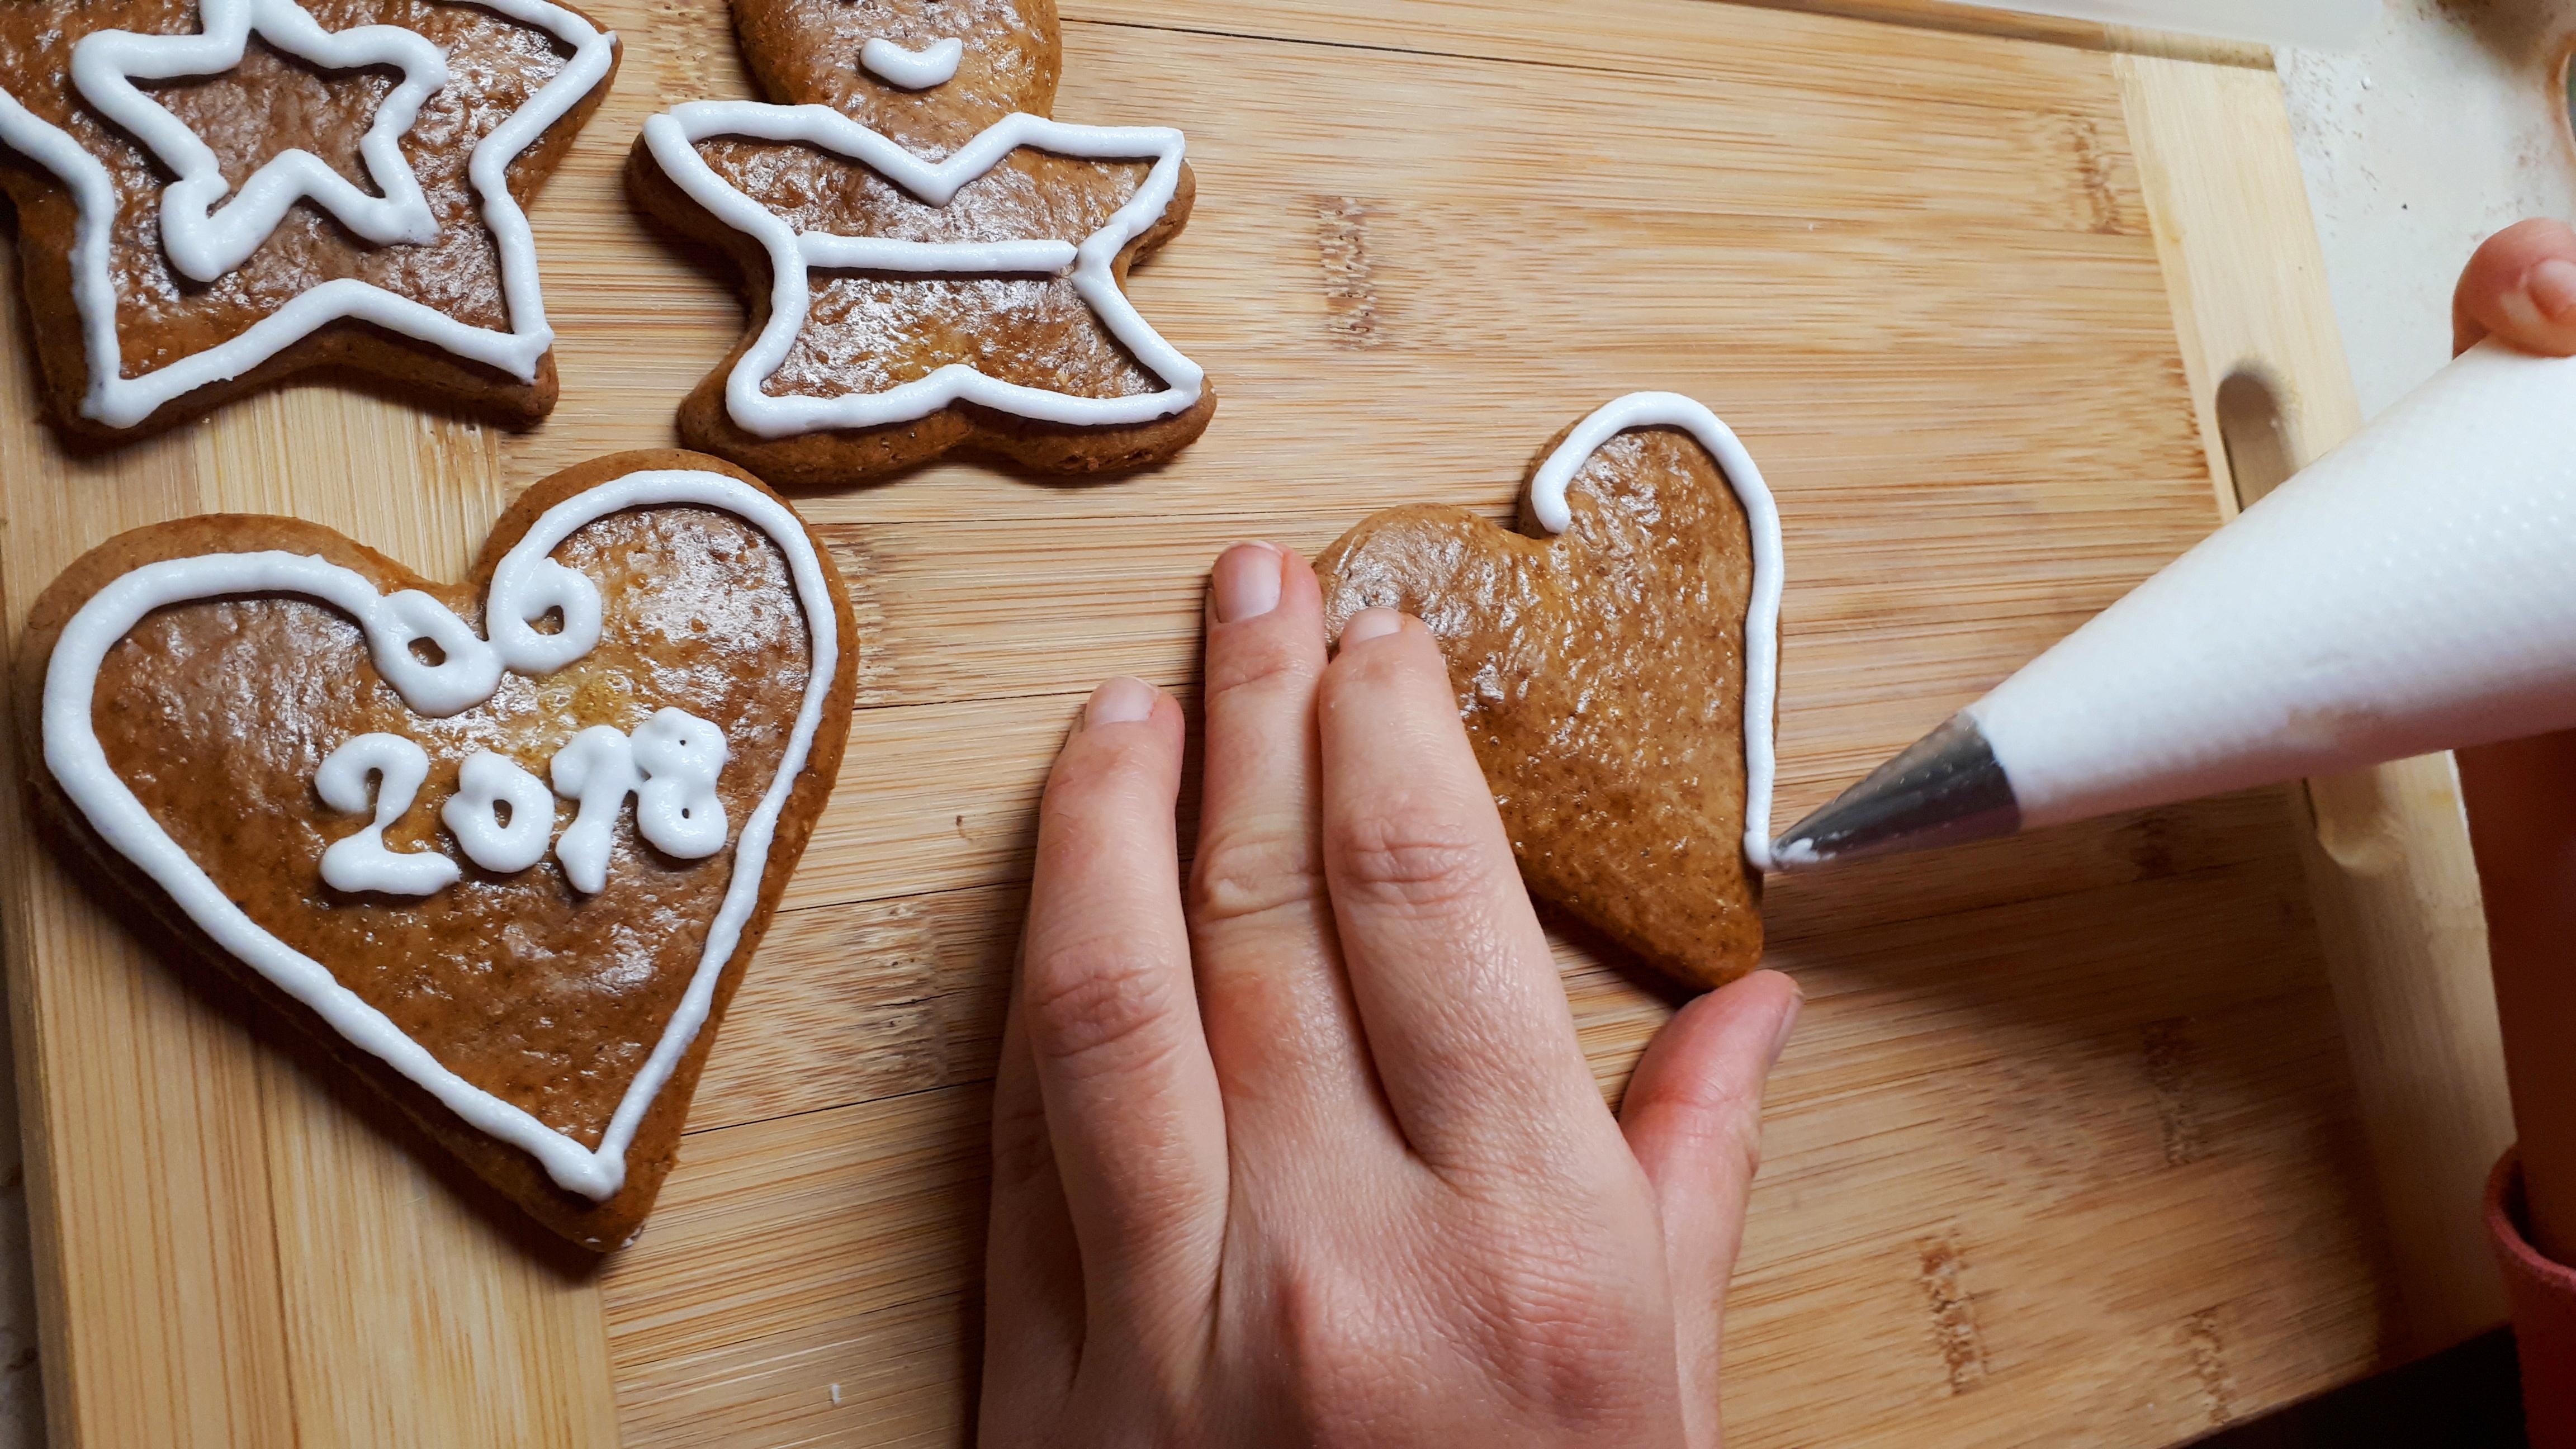 Diétás cukormáz – cukormentes mézeskalács máz (íróka) készítése